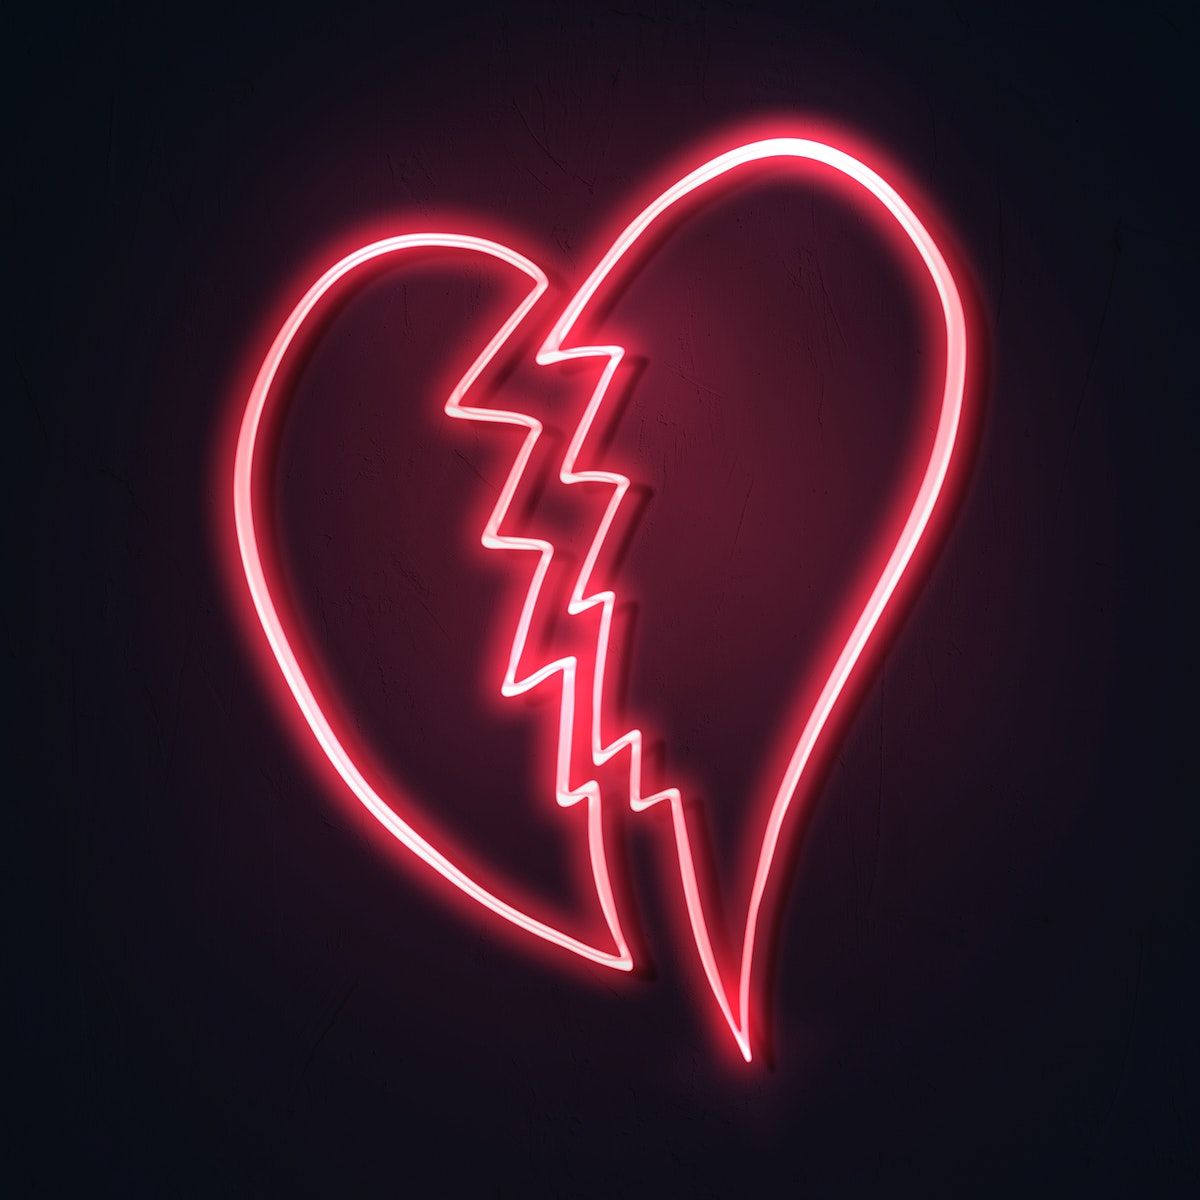 Download premium illustration of Neon red broken heart